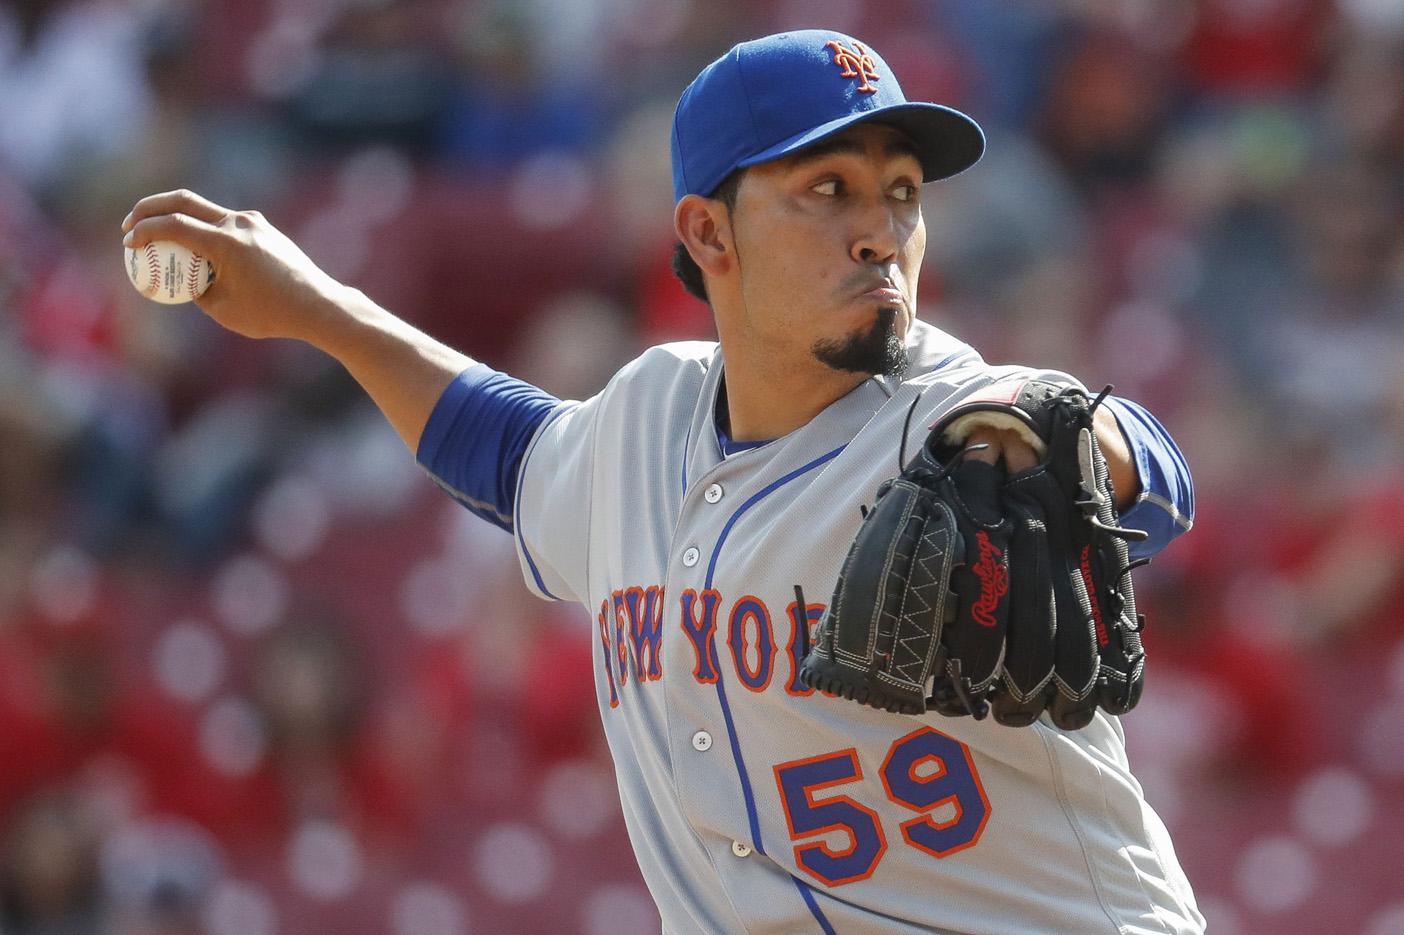 Lugo brilla en su debut de temporada, Mets vencen a Bravos